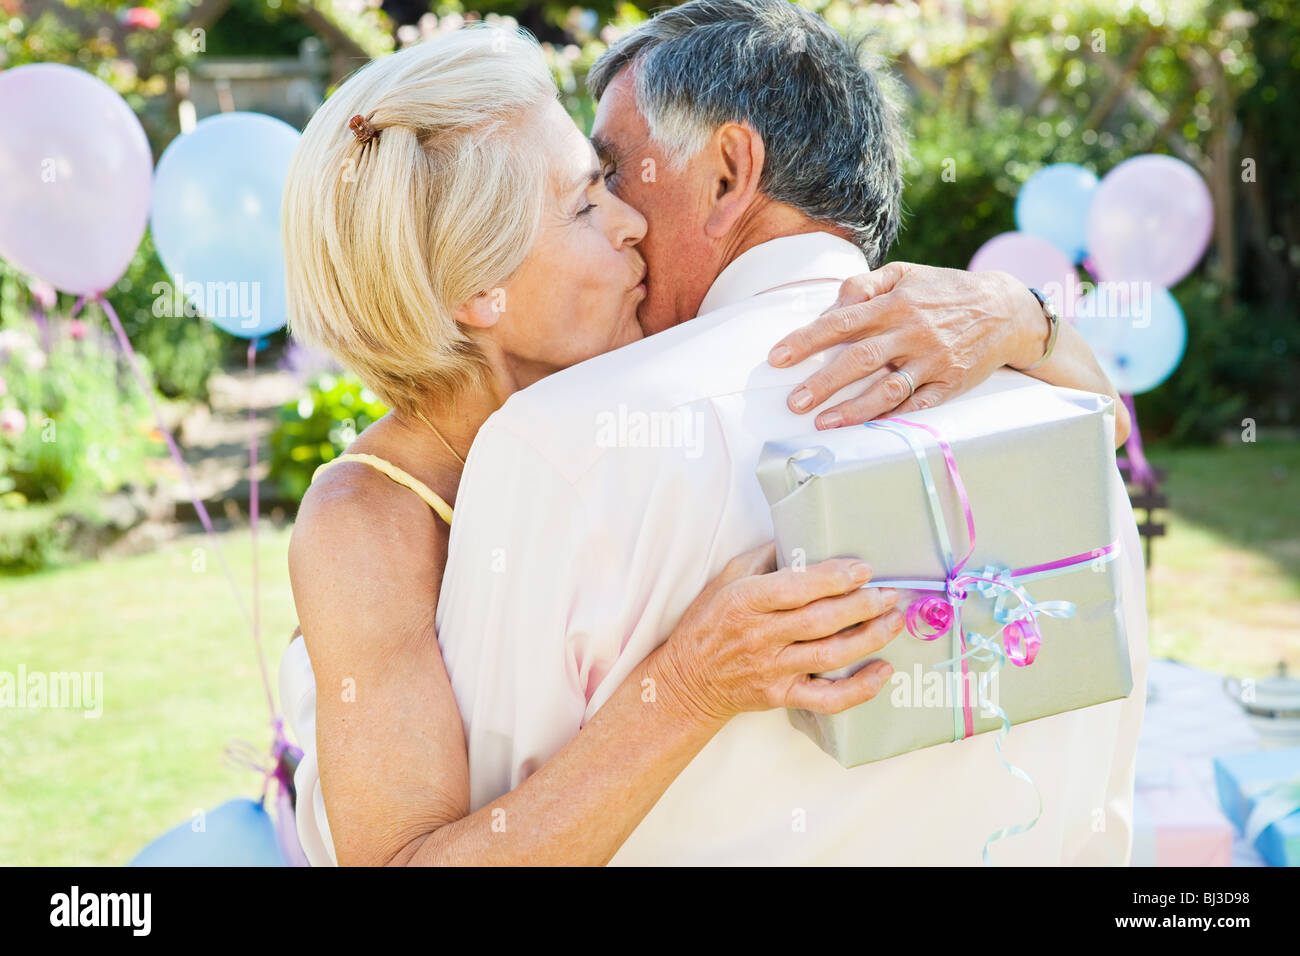 Donna matura baci uomo maturo. Immagini Stock